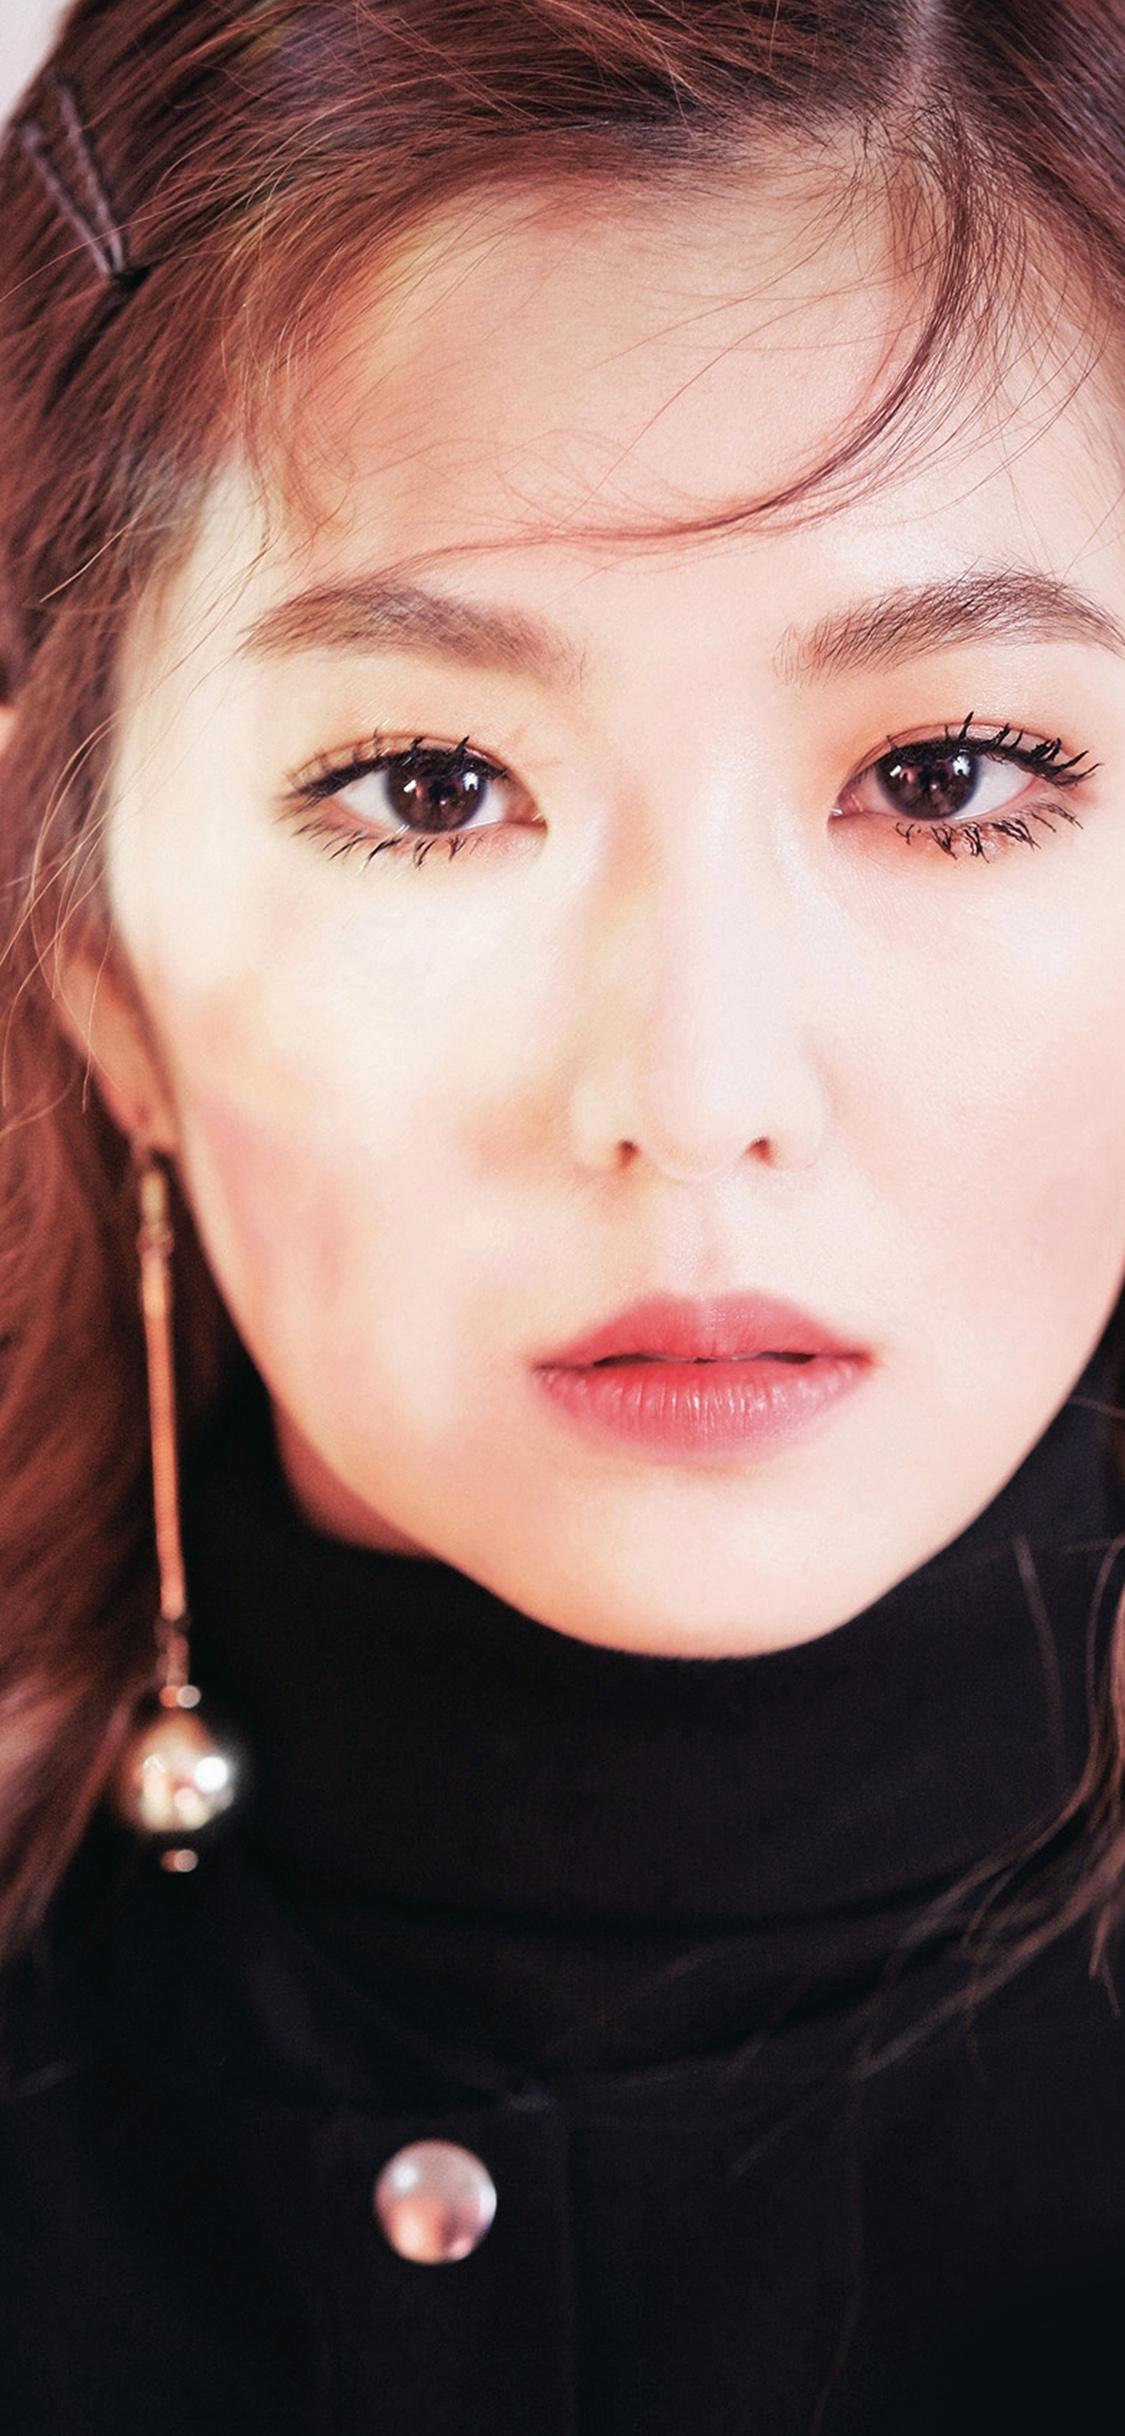 iPhoneXpapers.com-Apple-iPhone-wallpaper-hi23-kpop-girl-face-cute